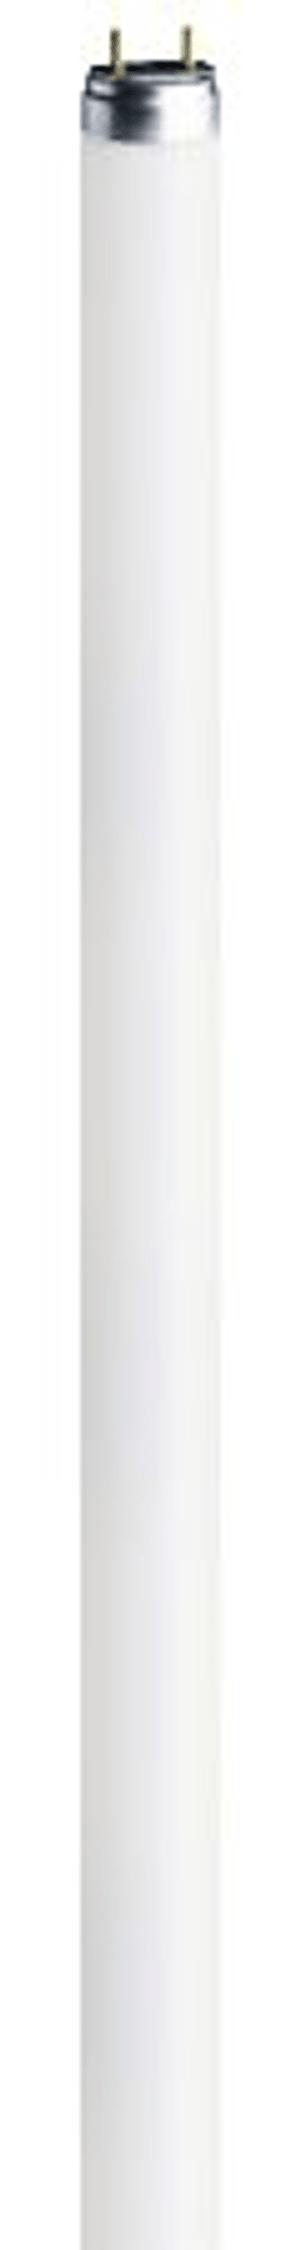 Röhre FL G5 13W 827